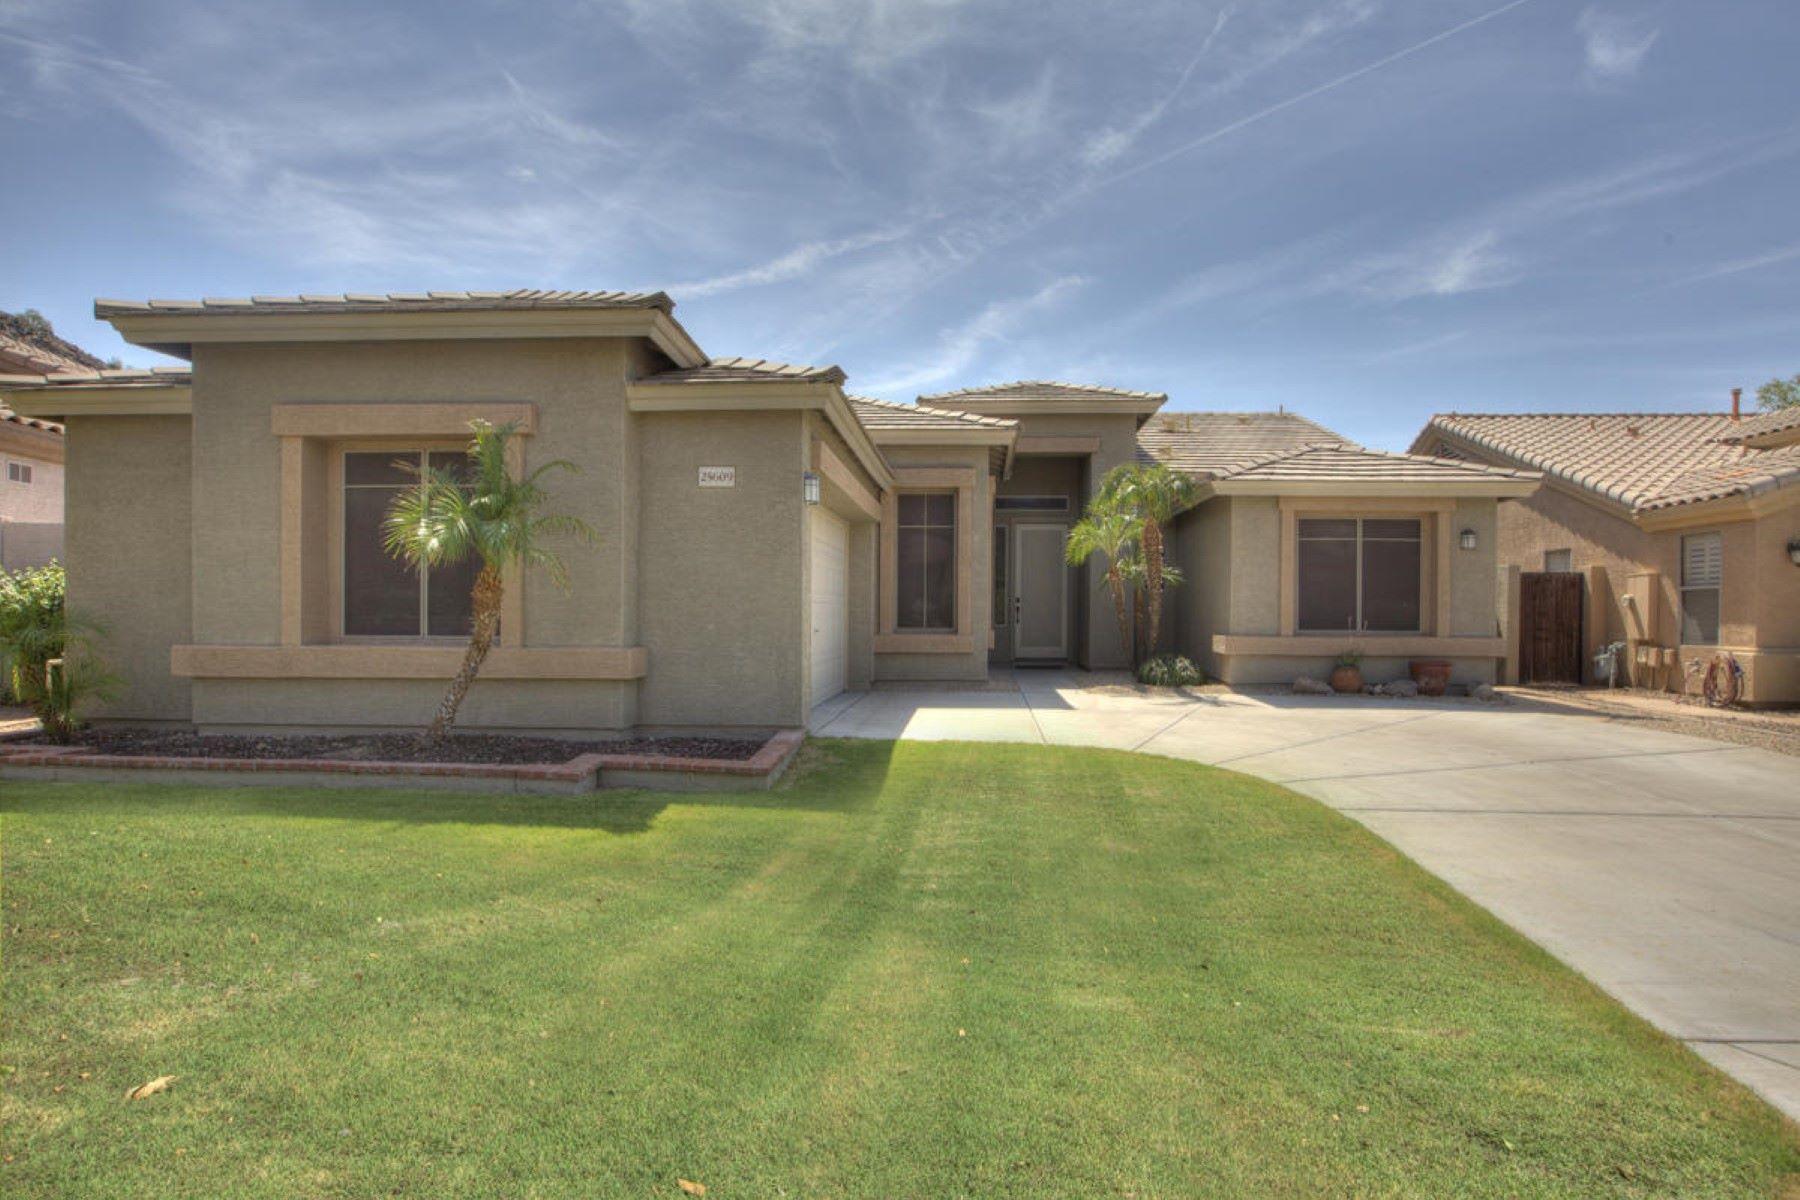 Casa Unifamiliar por un Alquiler en Fabulous Stetson Hill Home 25609 N SINGBUSH LOOP, Phoenix, Arizona, 85083 Estados Unidos